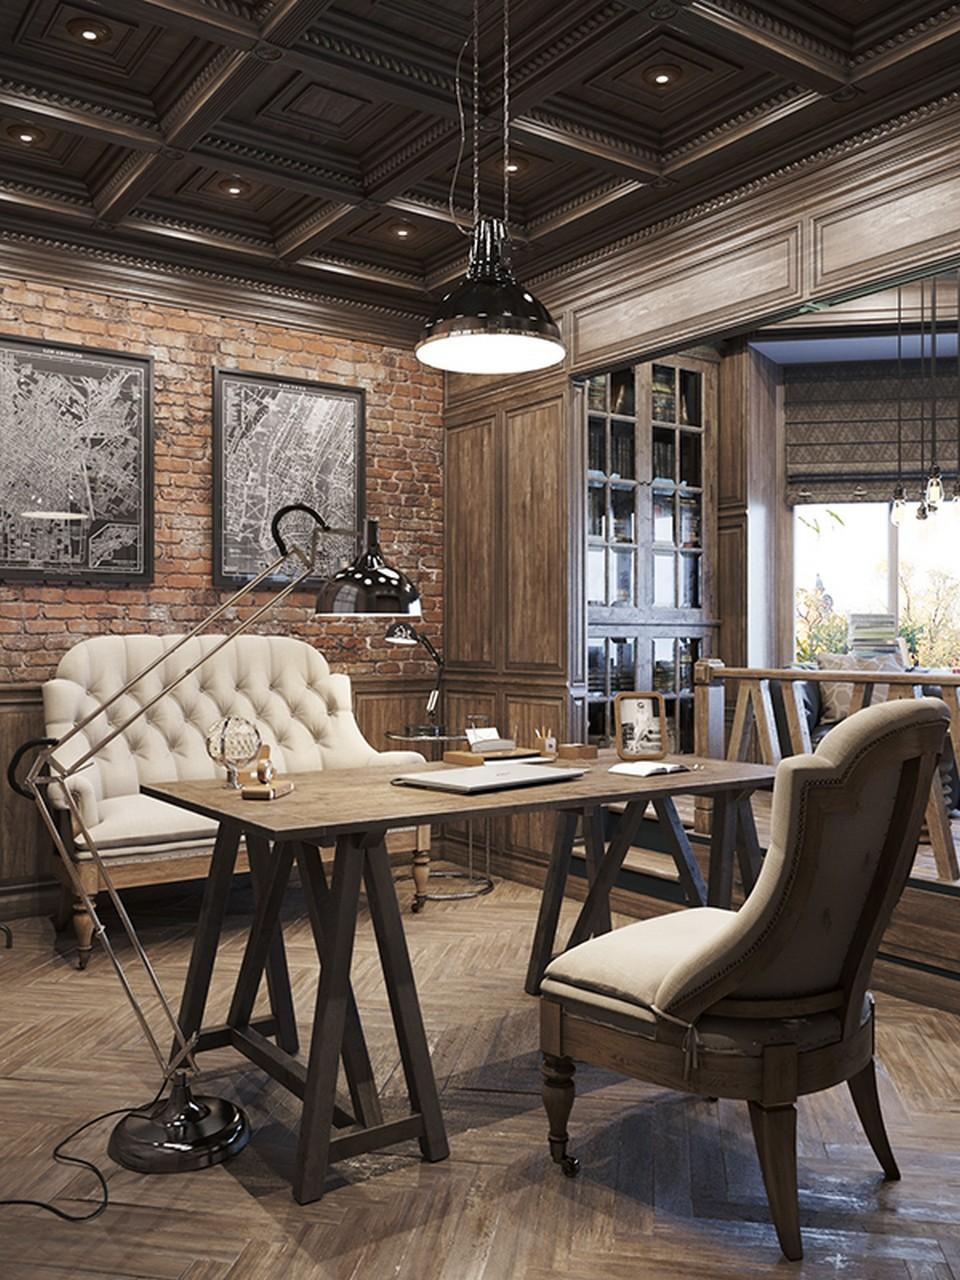 biến tấu nơi làm việc có chút hơi hướng cổ điển bằng cách sử dụng những bức ảnh treo tường, giấy dán tường, màu sơn gỗ